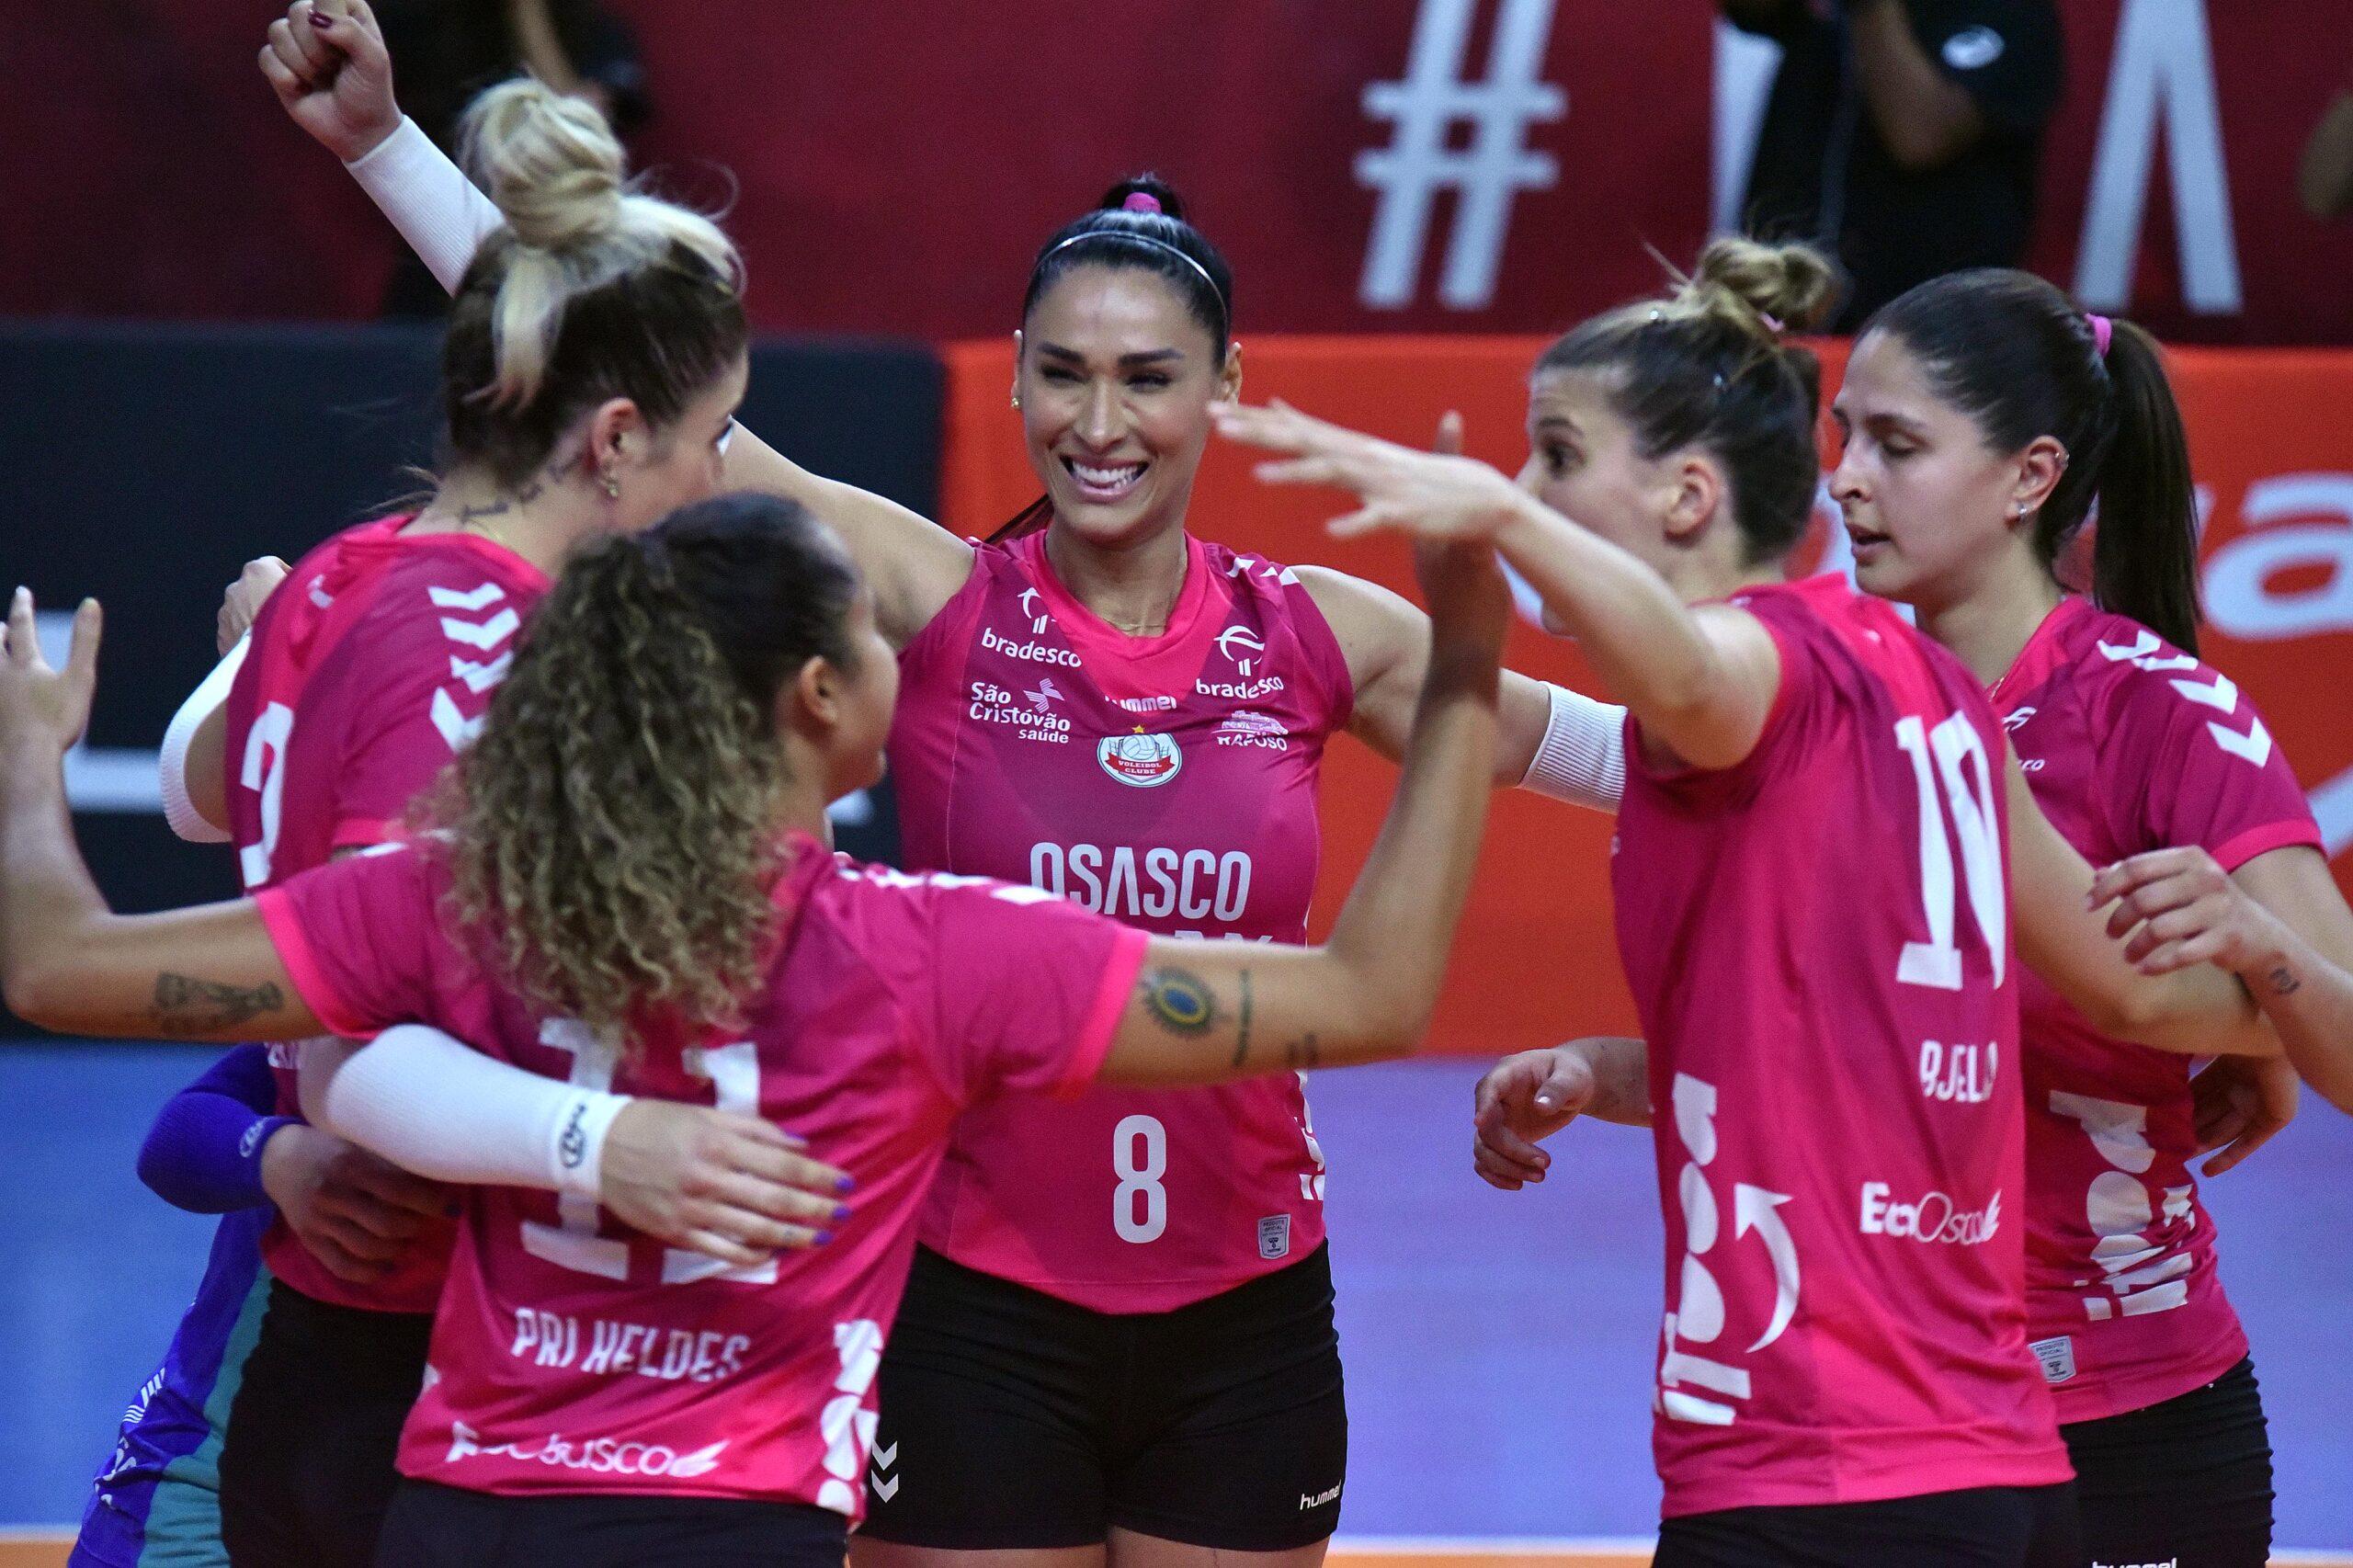 Ao vivo: OSASCO x CURITIBA – Superliga Feminina 12/03 – 19h